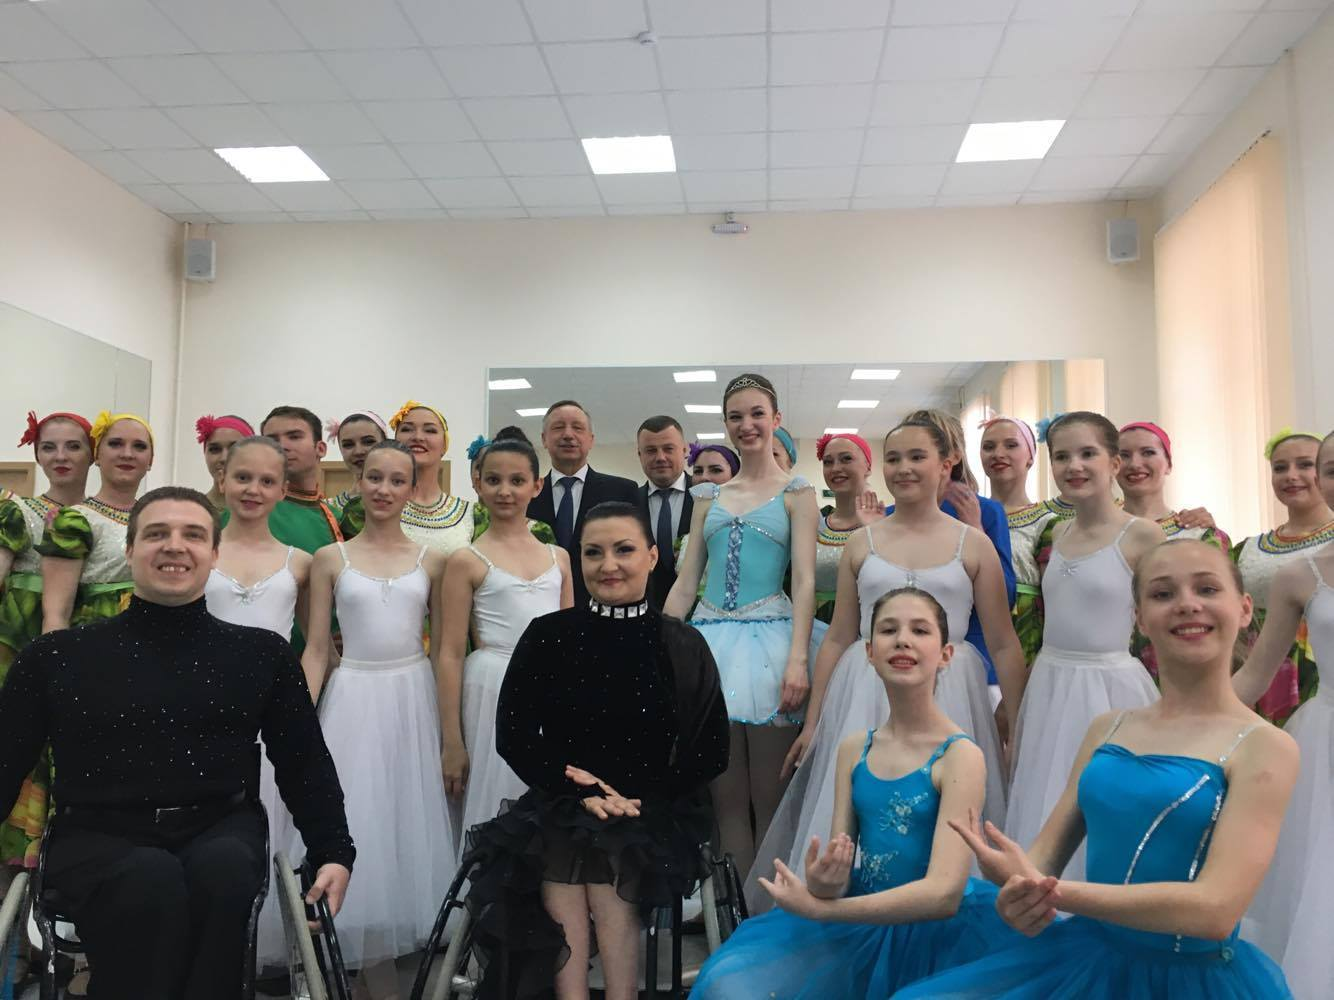 Полпред Президента РФ в ЦФО Александр Беглов пообещал тамбовским танцорам болеть за них на всех турнирах